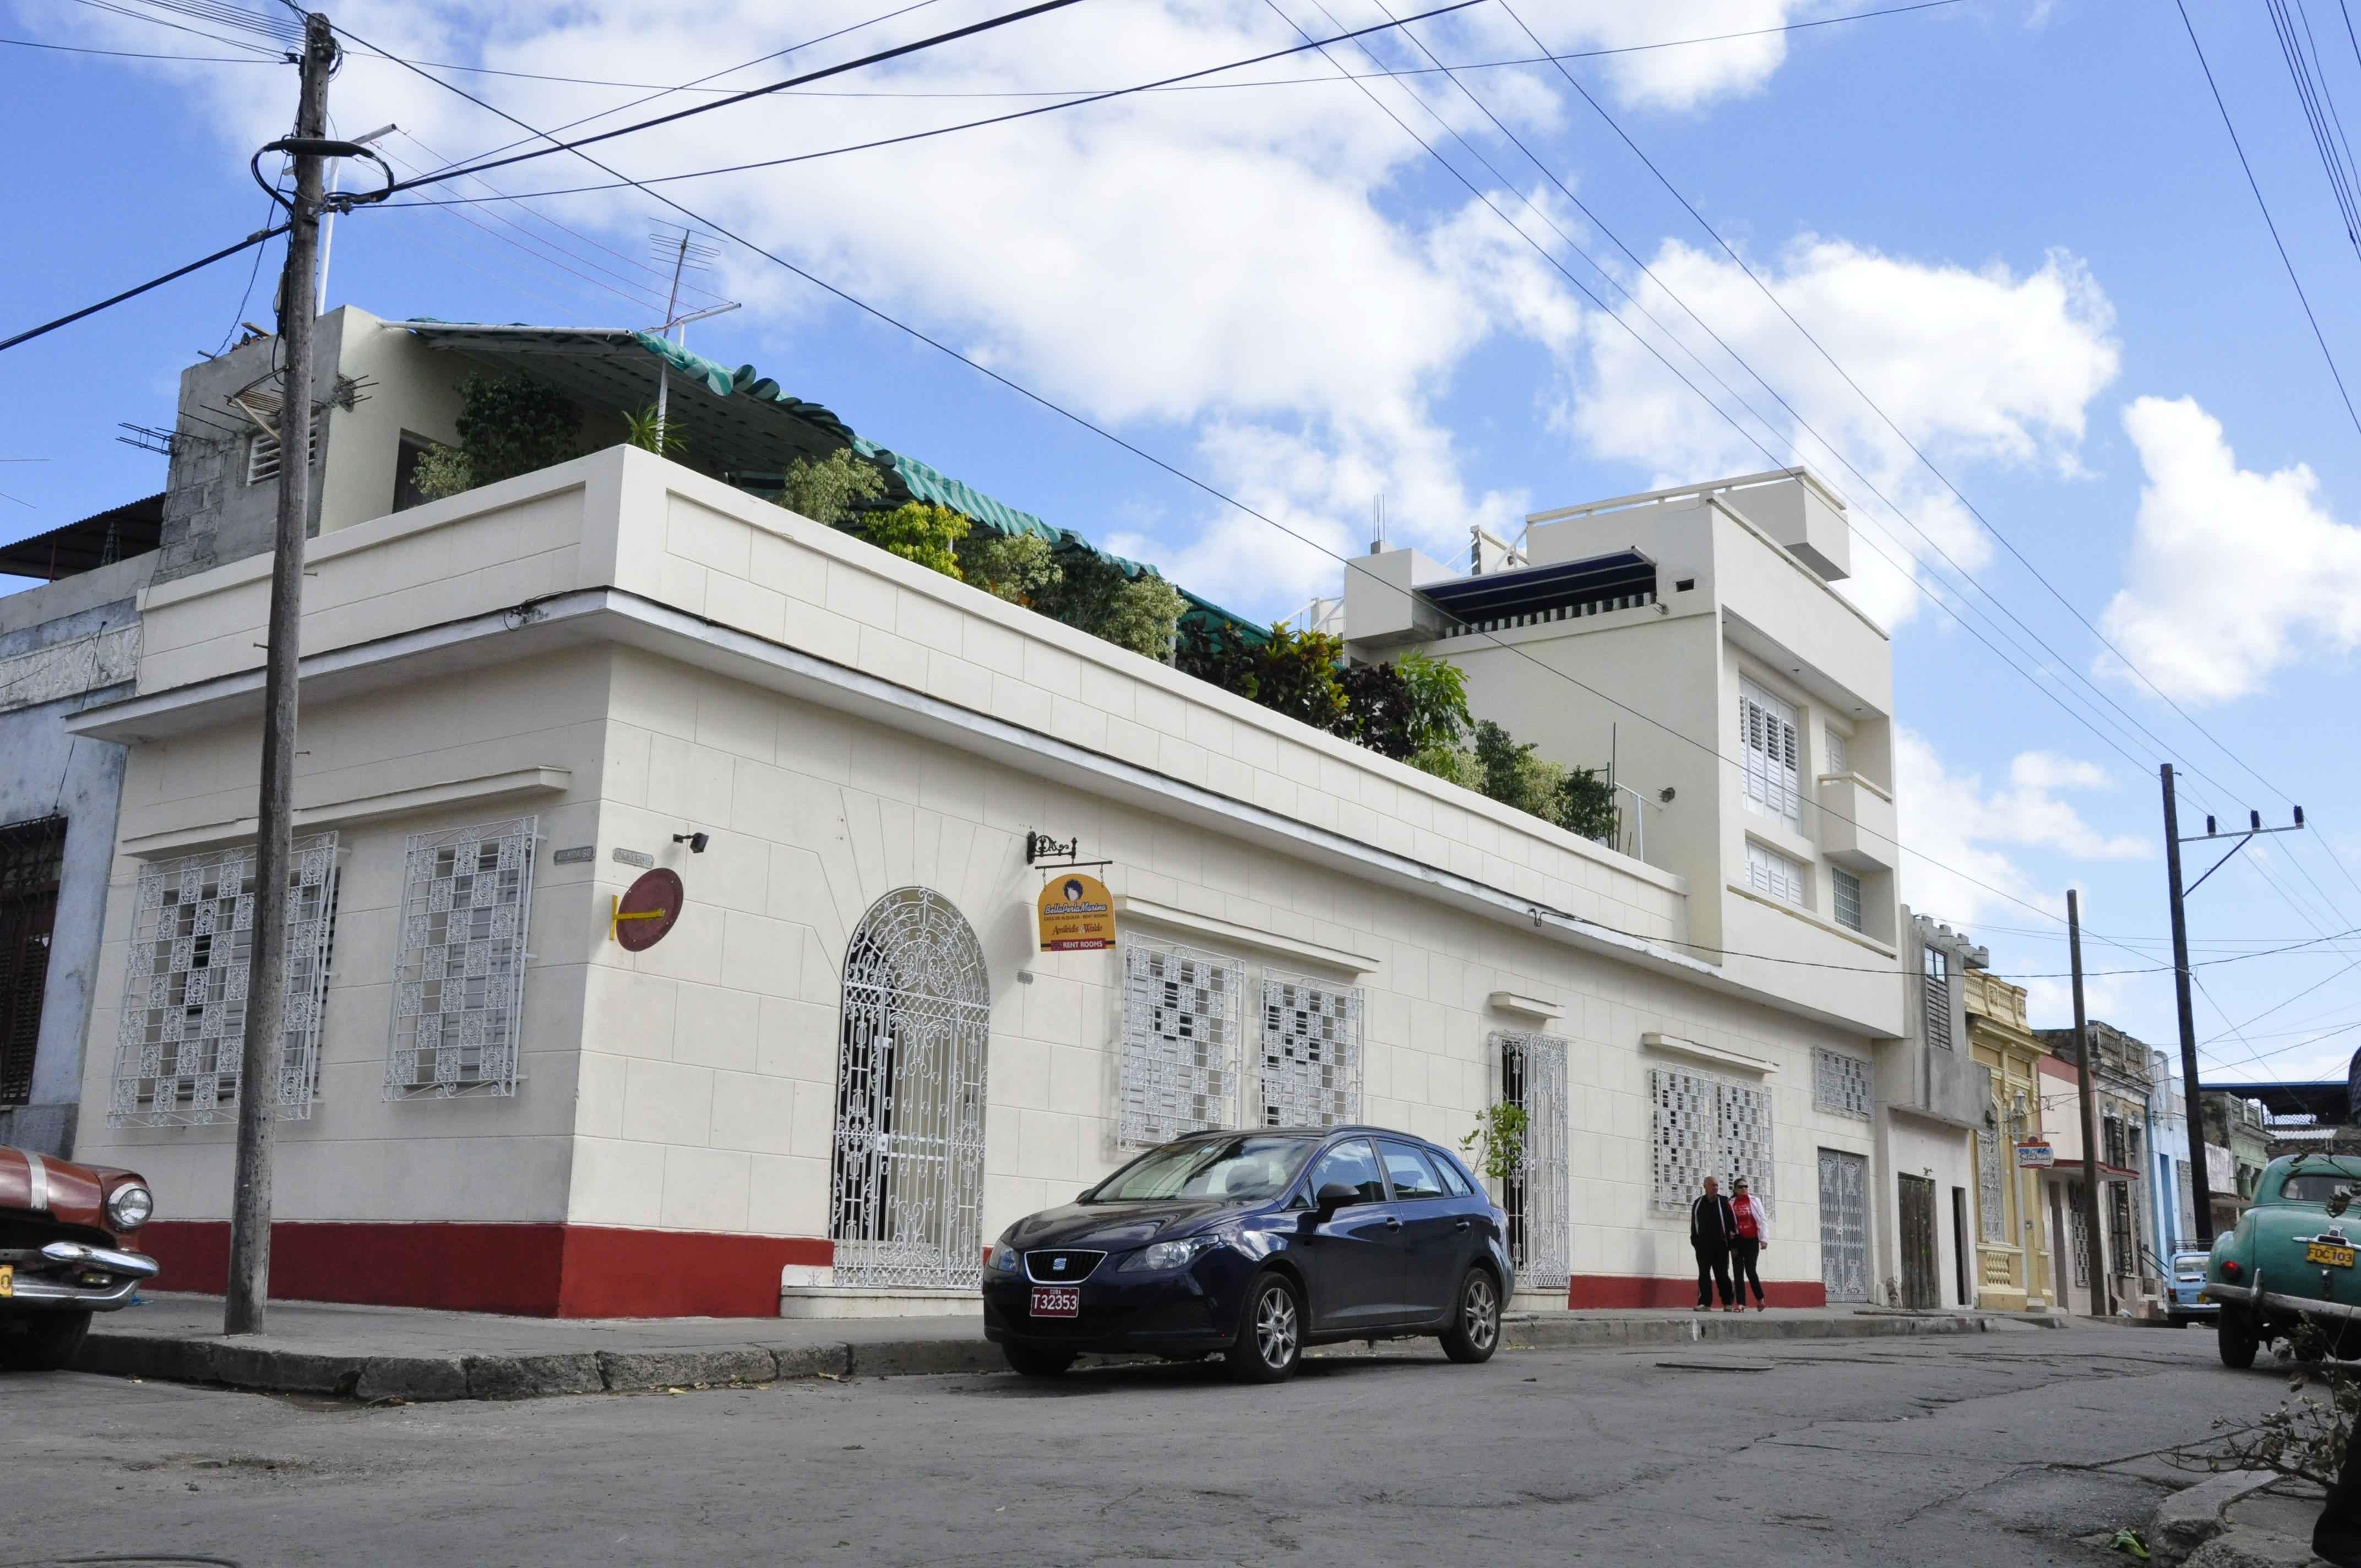 CIE001 - Casa Bella Perla Marina